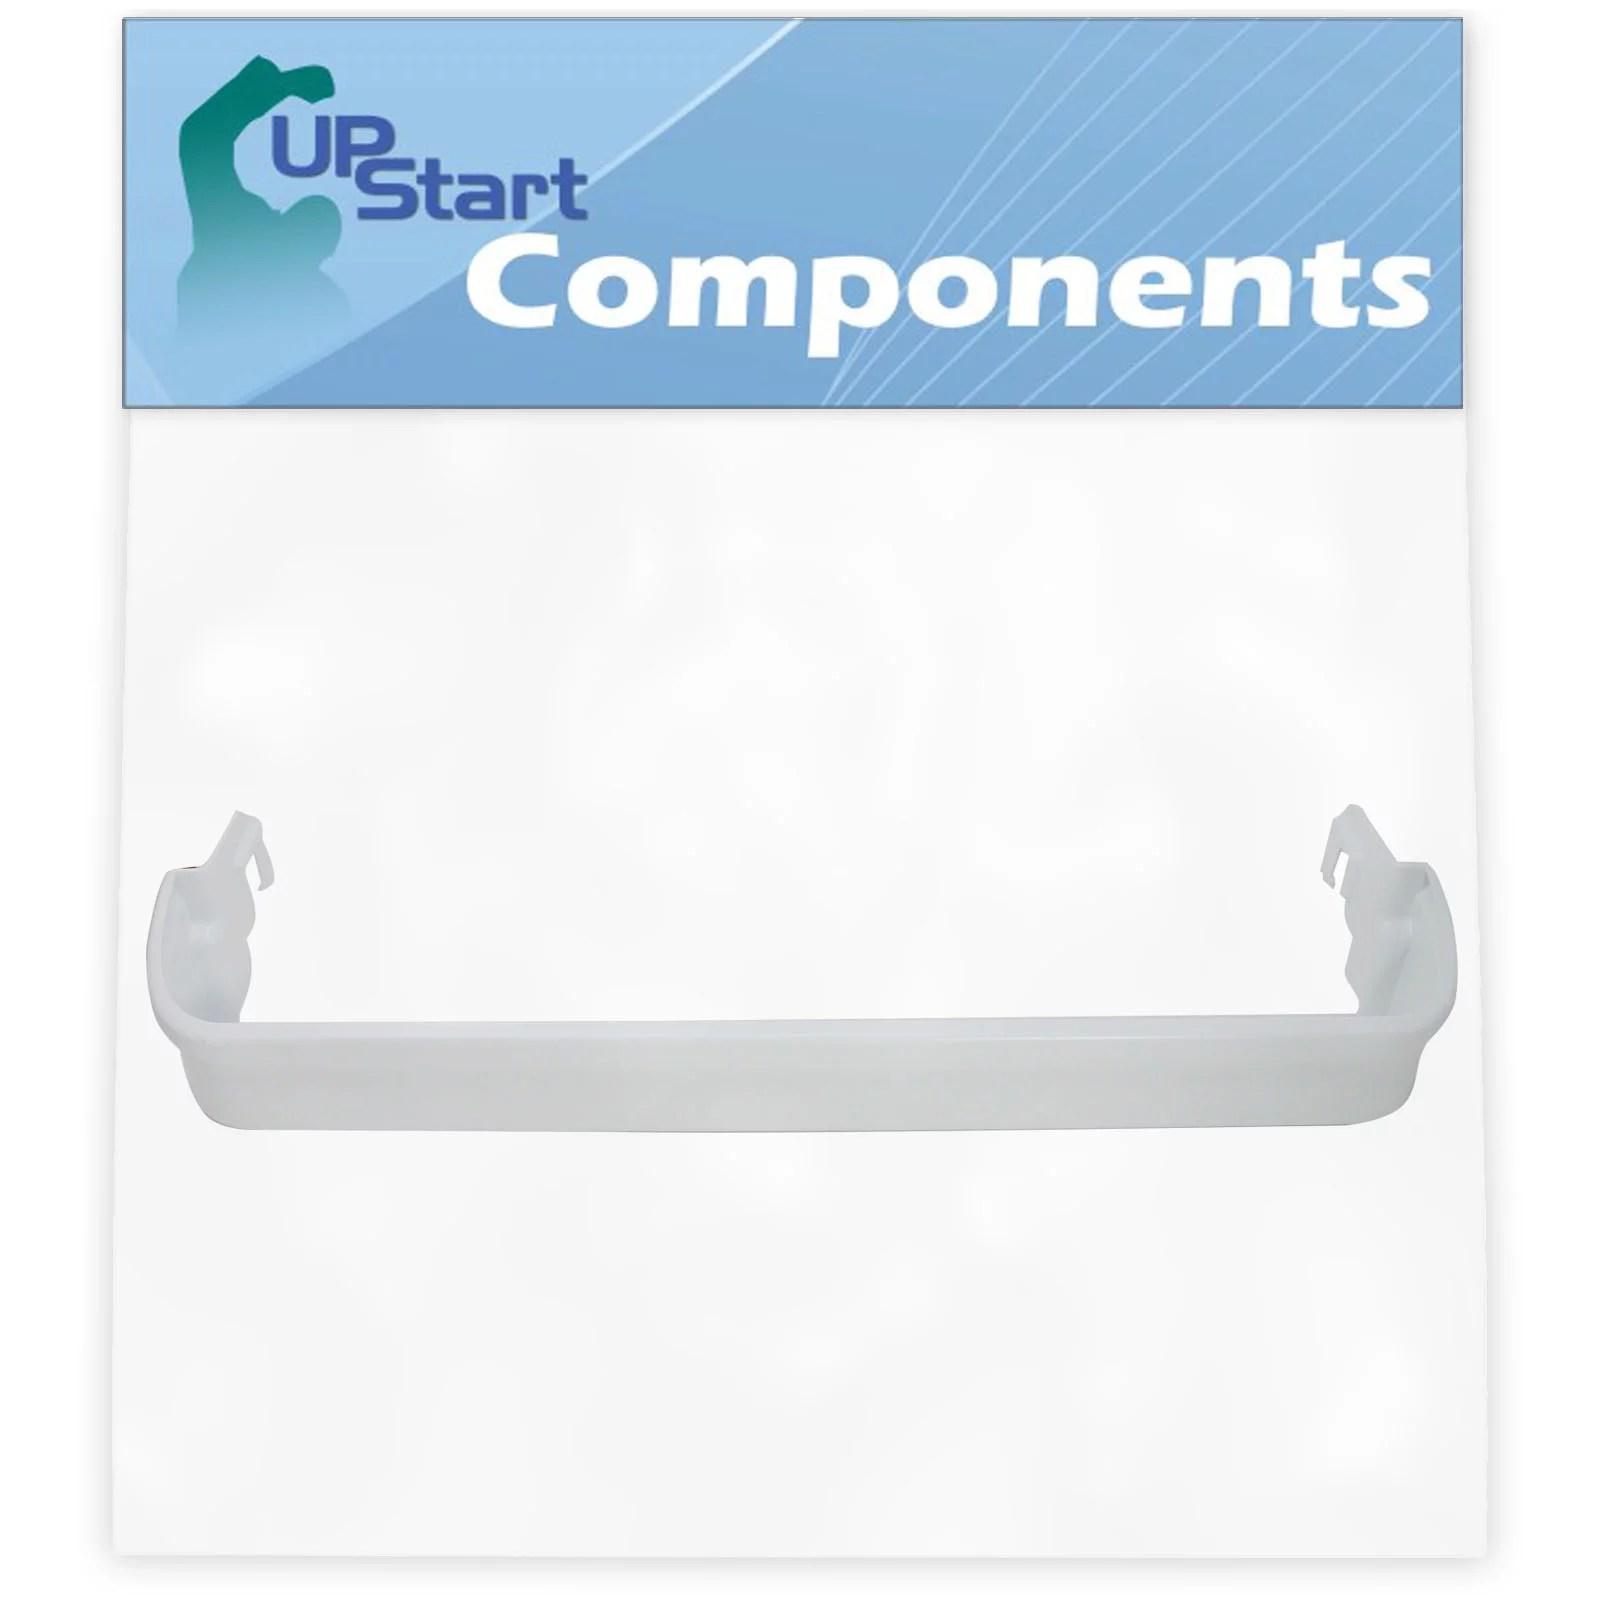 240338001 refrigerator door bin shelf replacement for kenmore sears 253 78893010 refrigerator compatible with ap2115859 door bin